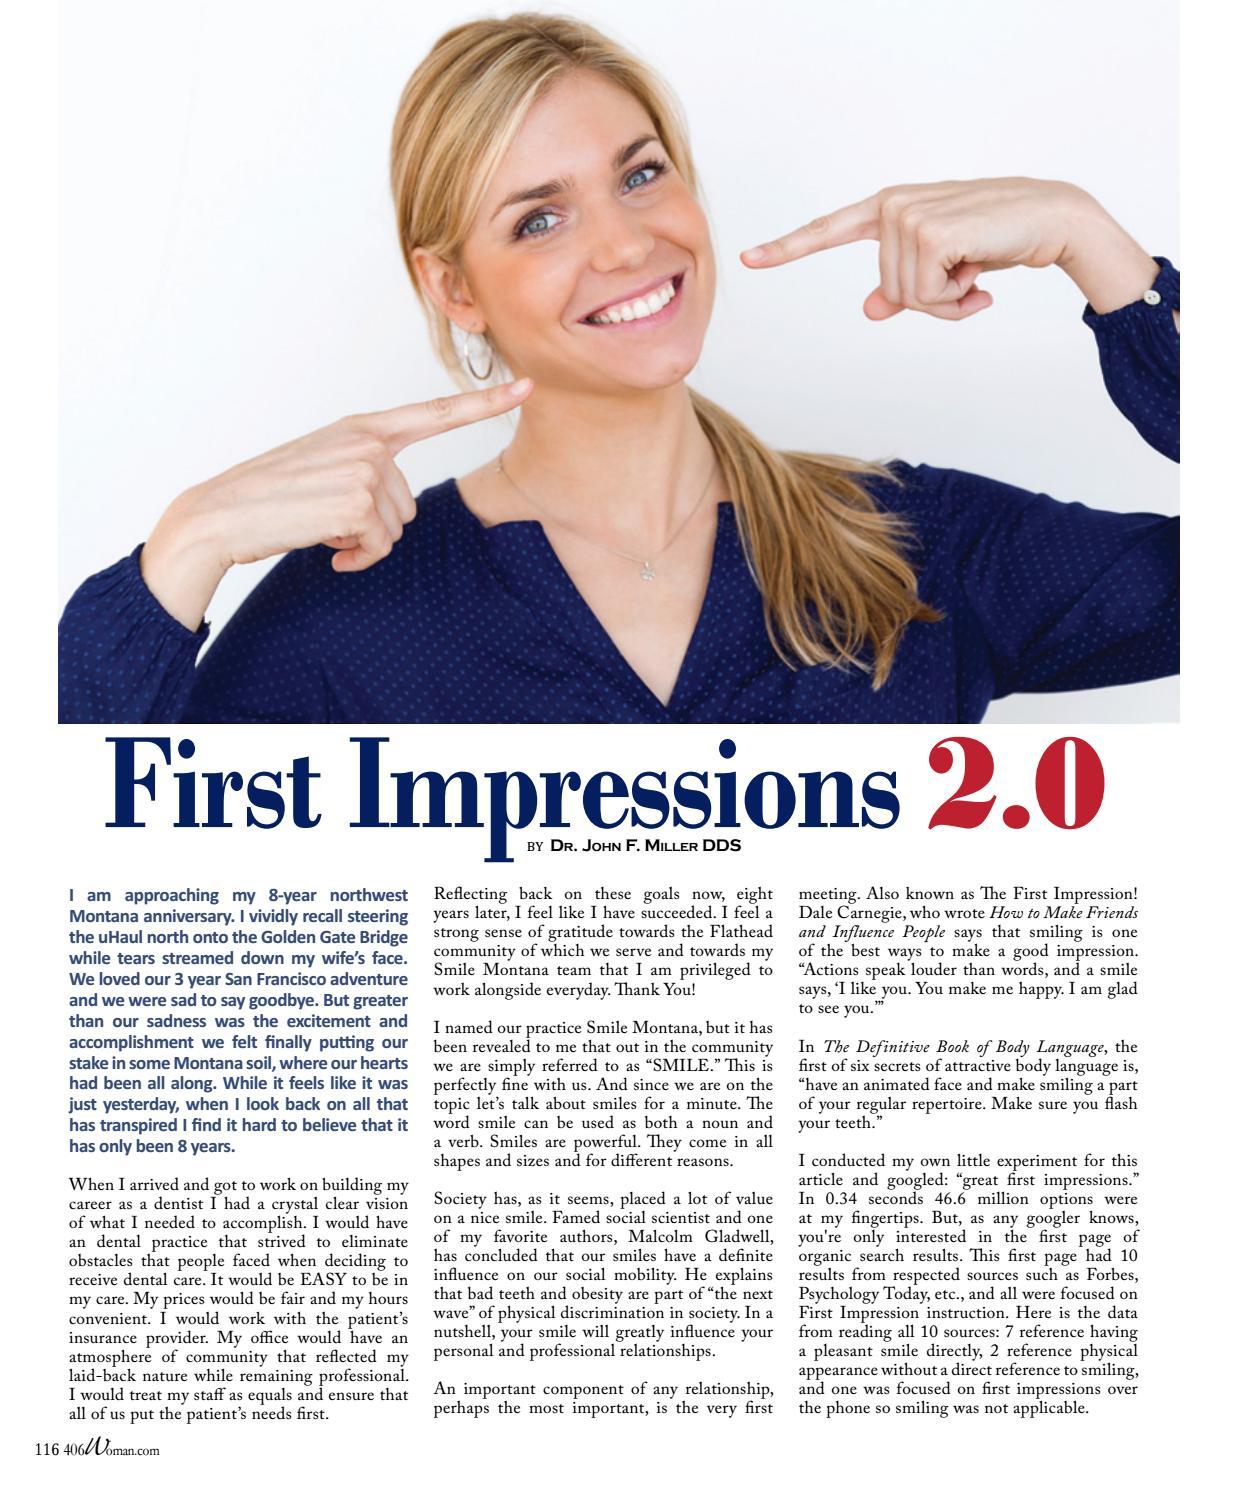 e7f05e00377 406 Woman Vol.11 No.5 Lifestyle